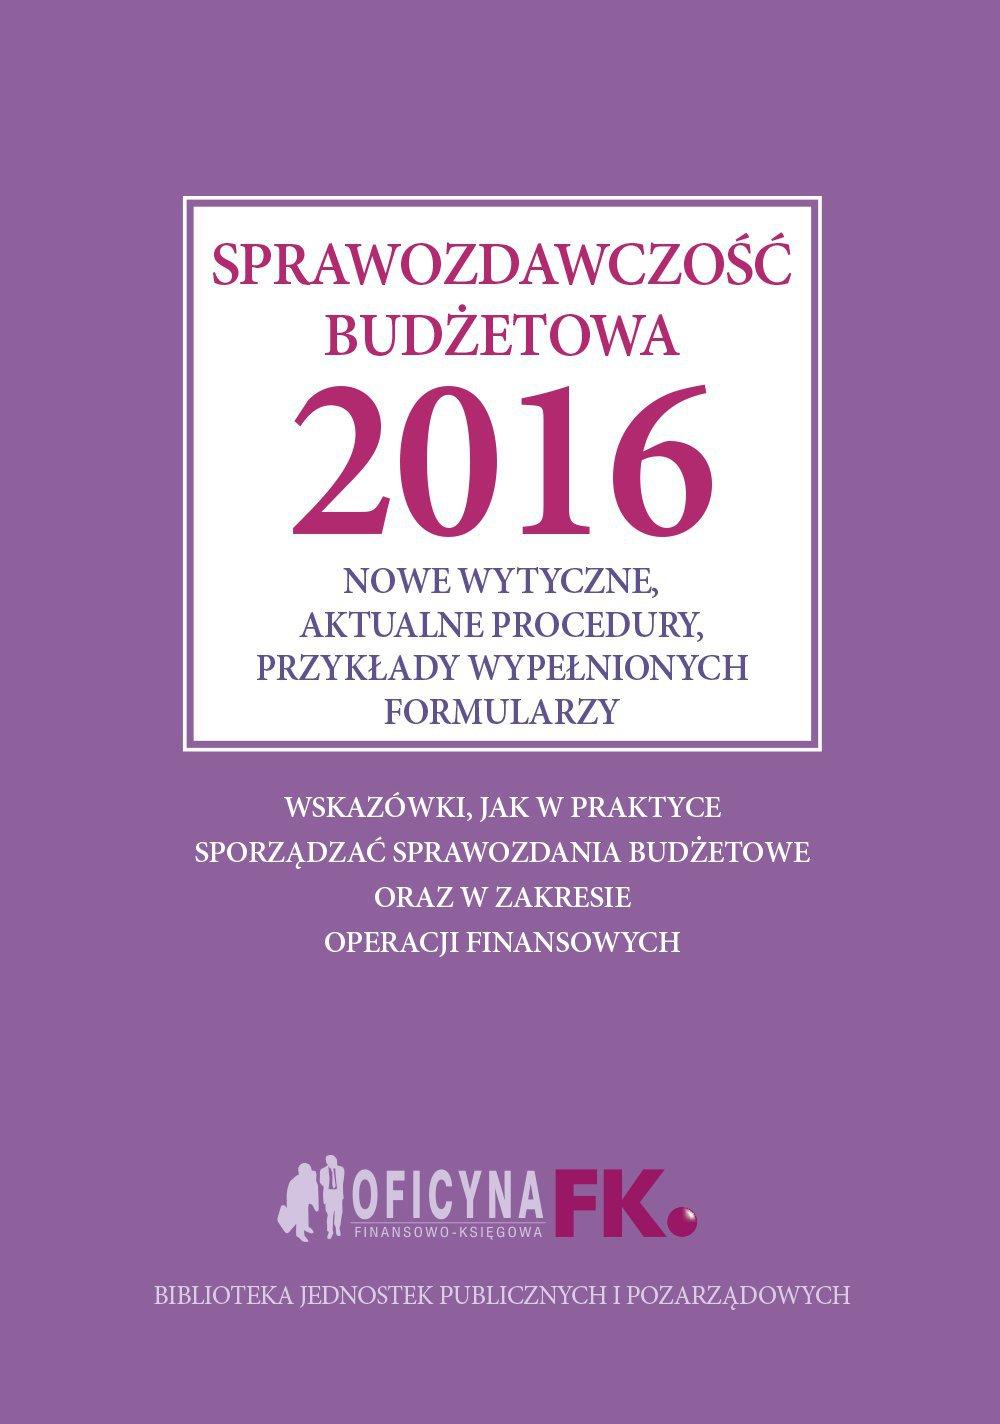 Sprawozdawczość budżetowa 2016 - Ebook (Książka na Kindle) do pobrania w formacie MOBI